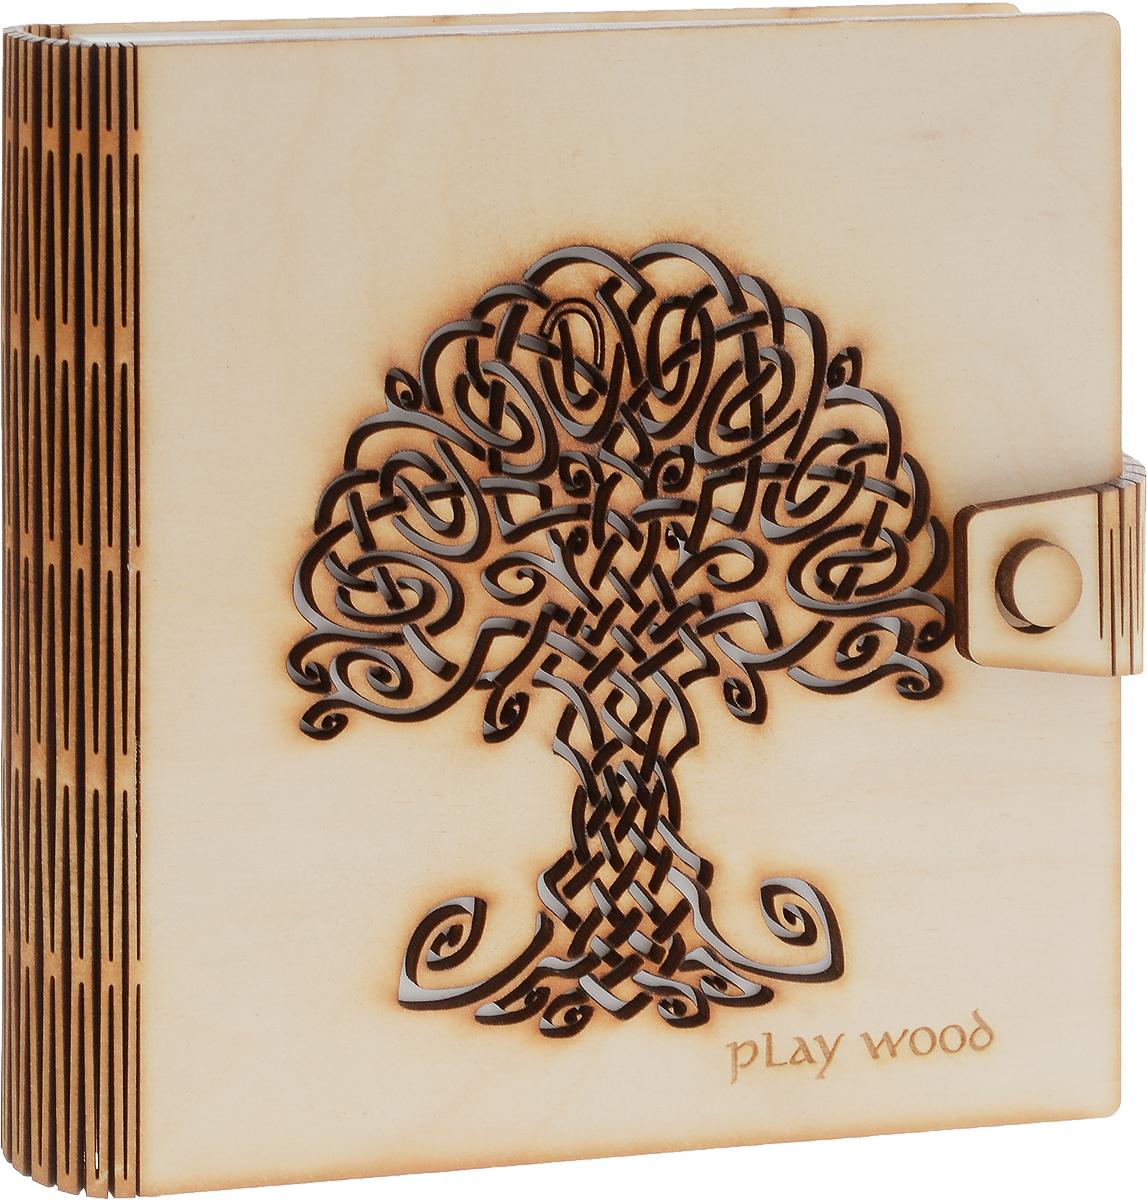 Фолиант Блокнот 170 листов БЛФ-21БЛФ-21Обложка блокнота Фолиант выполнена из экологически чистой фанеры, приятной на ощупь, с запахом натурального дерева. Обложку можно дооформить как угодно: раскрасить рисунок, затонировать, залакировать, нанести или выжечь дополнительный узор.Внутренний блок блокнота состоит из 170 листов белой офсетной бумаги без разметки.